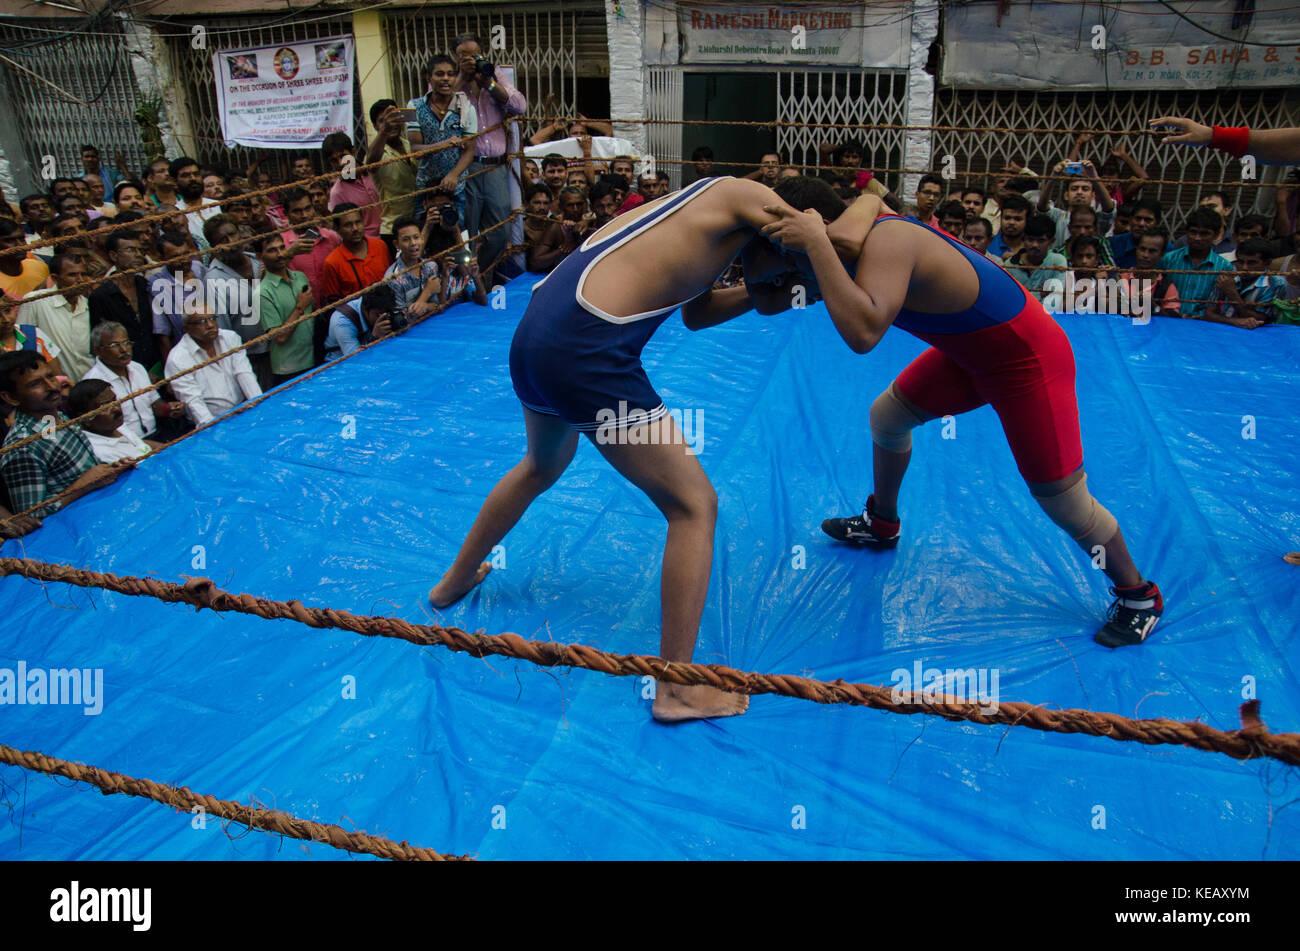 indian-style-sitting-amature-naked-women